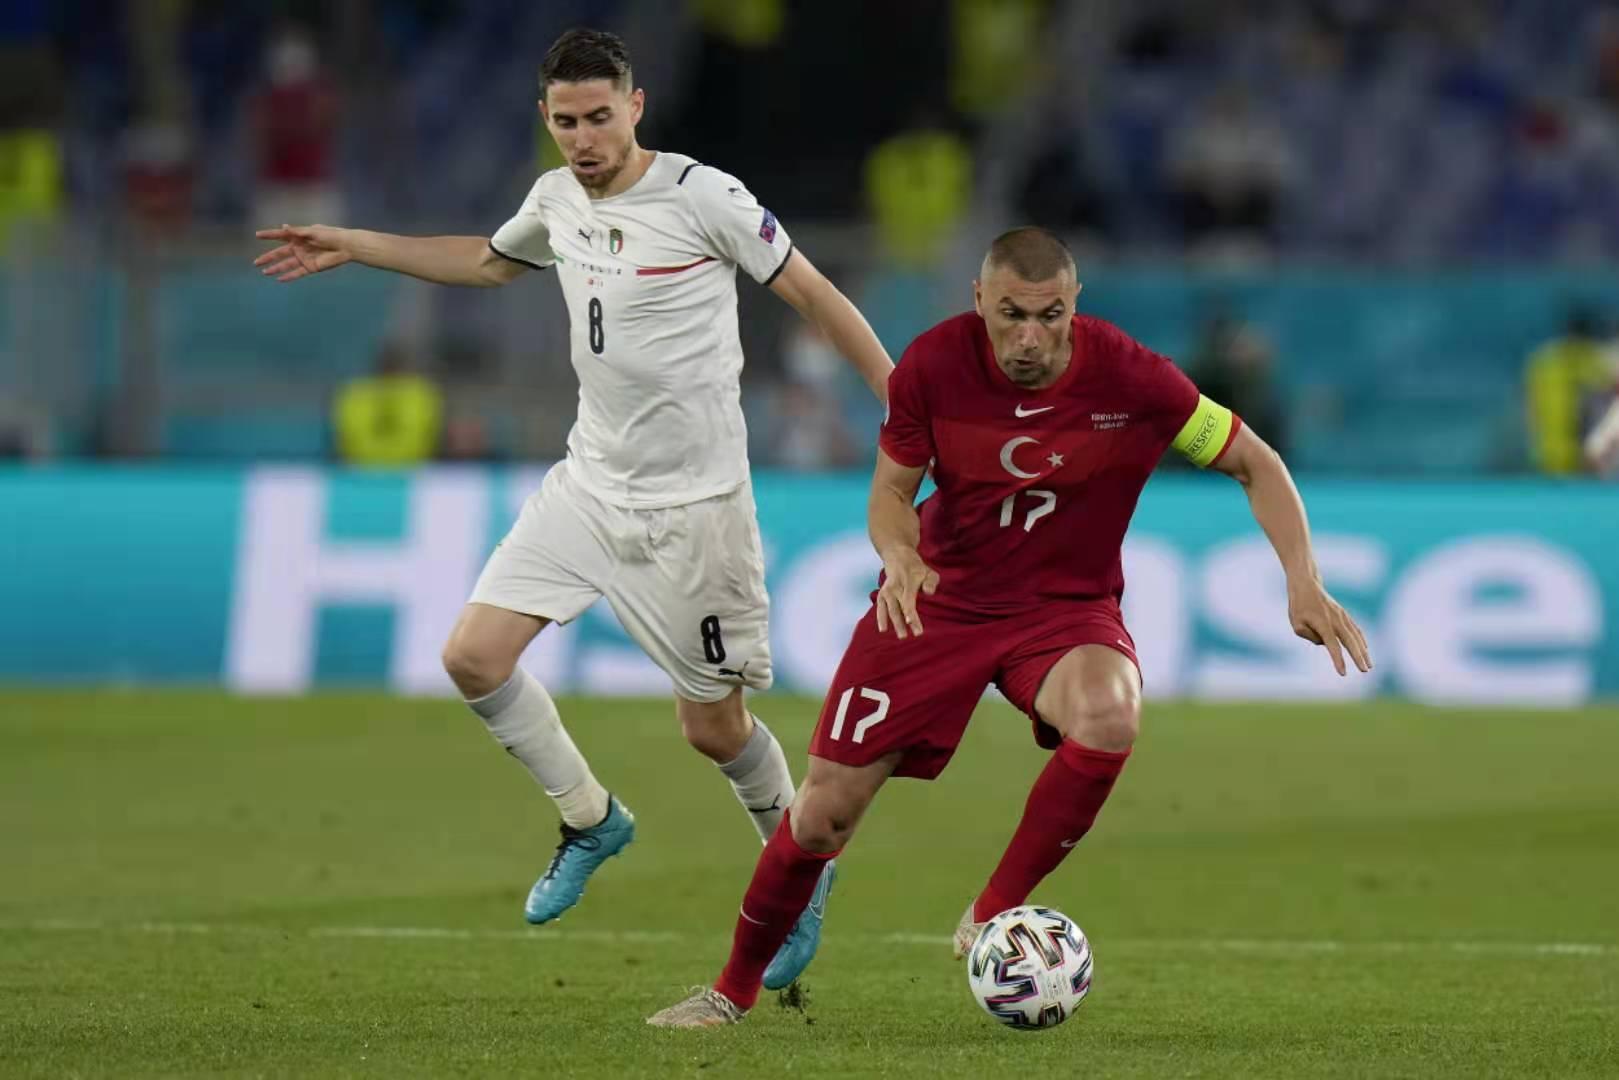 连续赞助欧洲杯、世界杯,海信坚定踏出全球化步伐